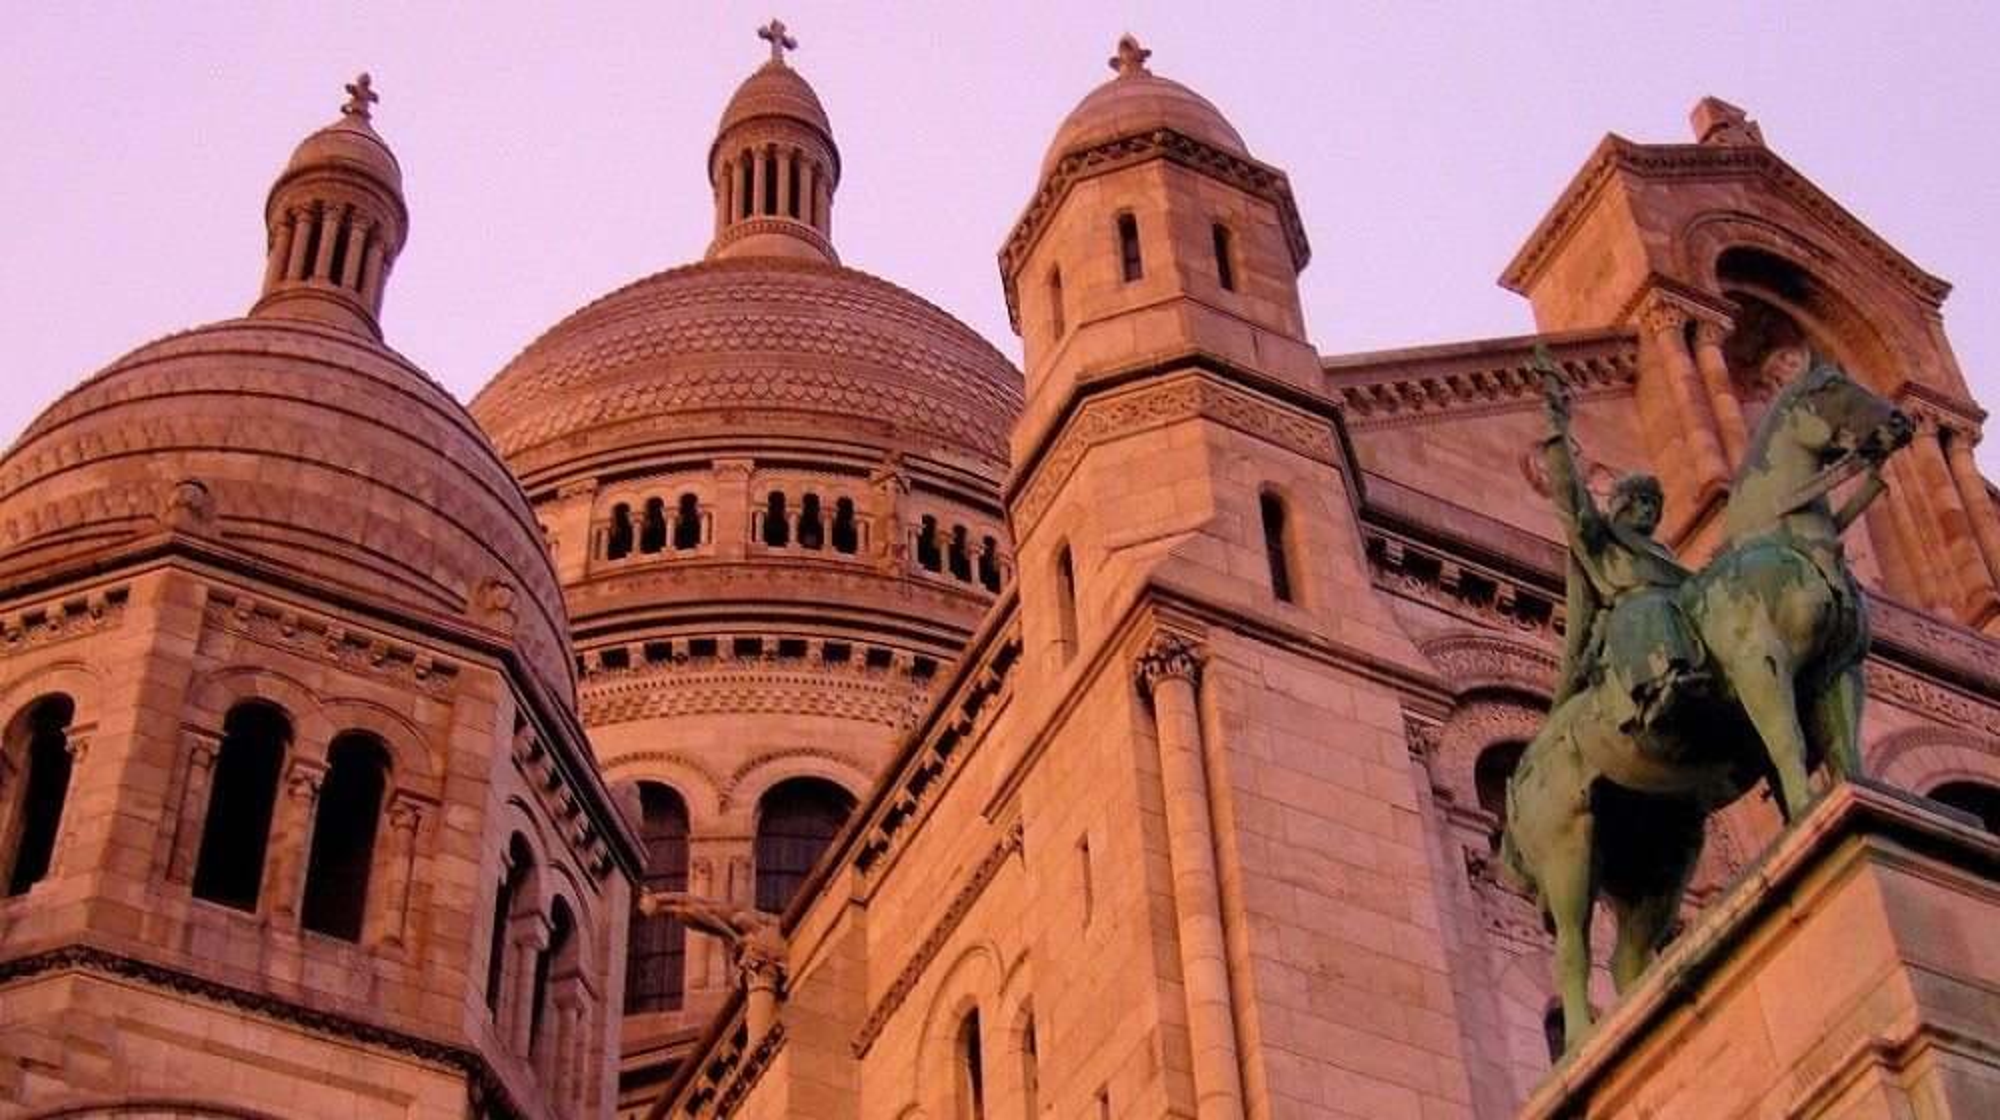 Dôme du Sacré-Cœur